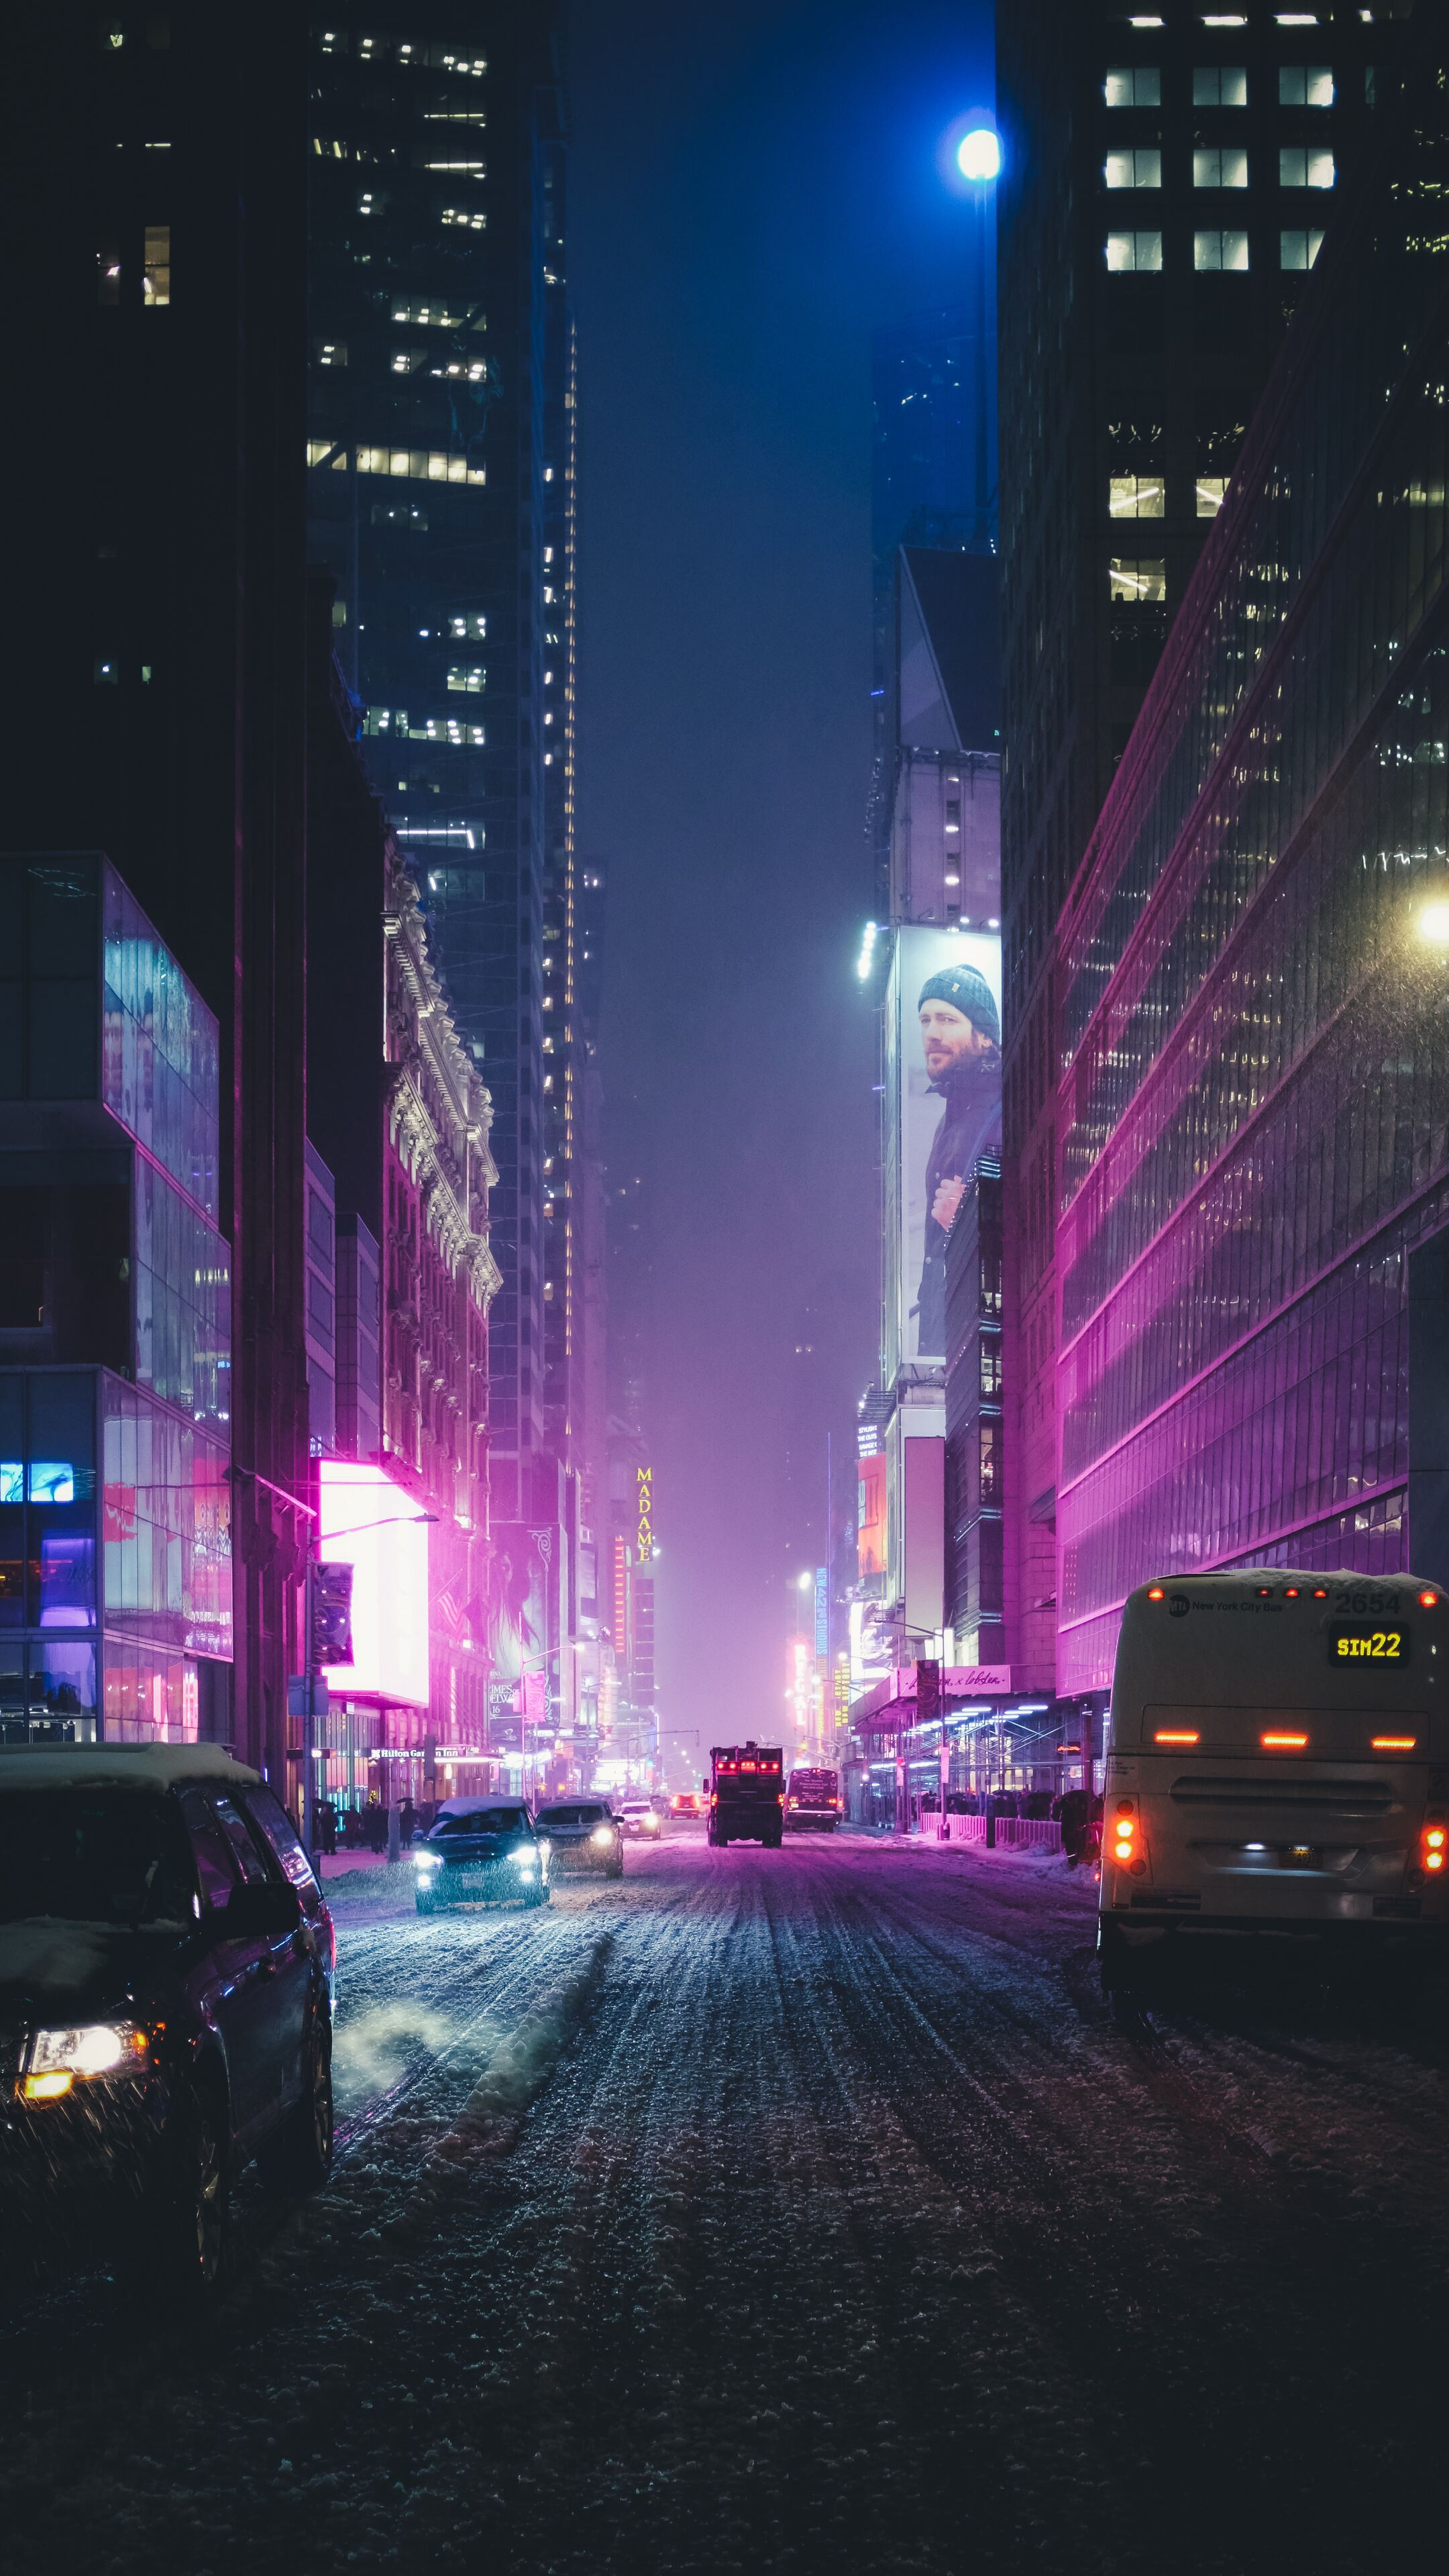 2160x3840 Night City Street Neon Lights 4k Sony Xperia Xxz